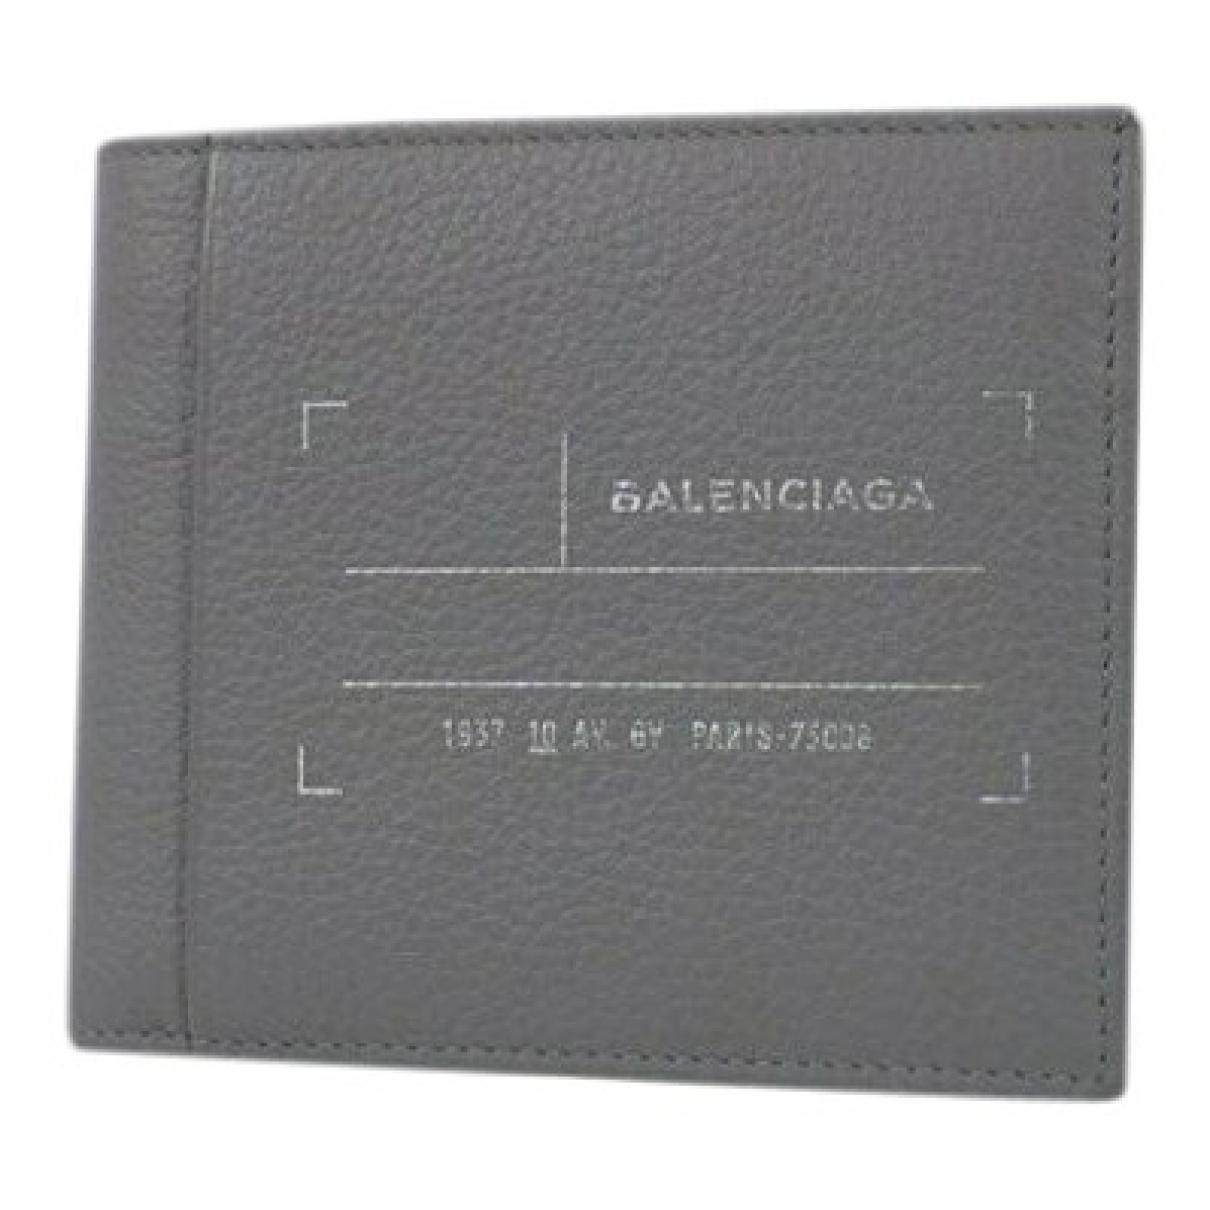 Balenciaga - Petite maroquinerie   pour homme en cuir - gris